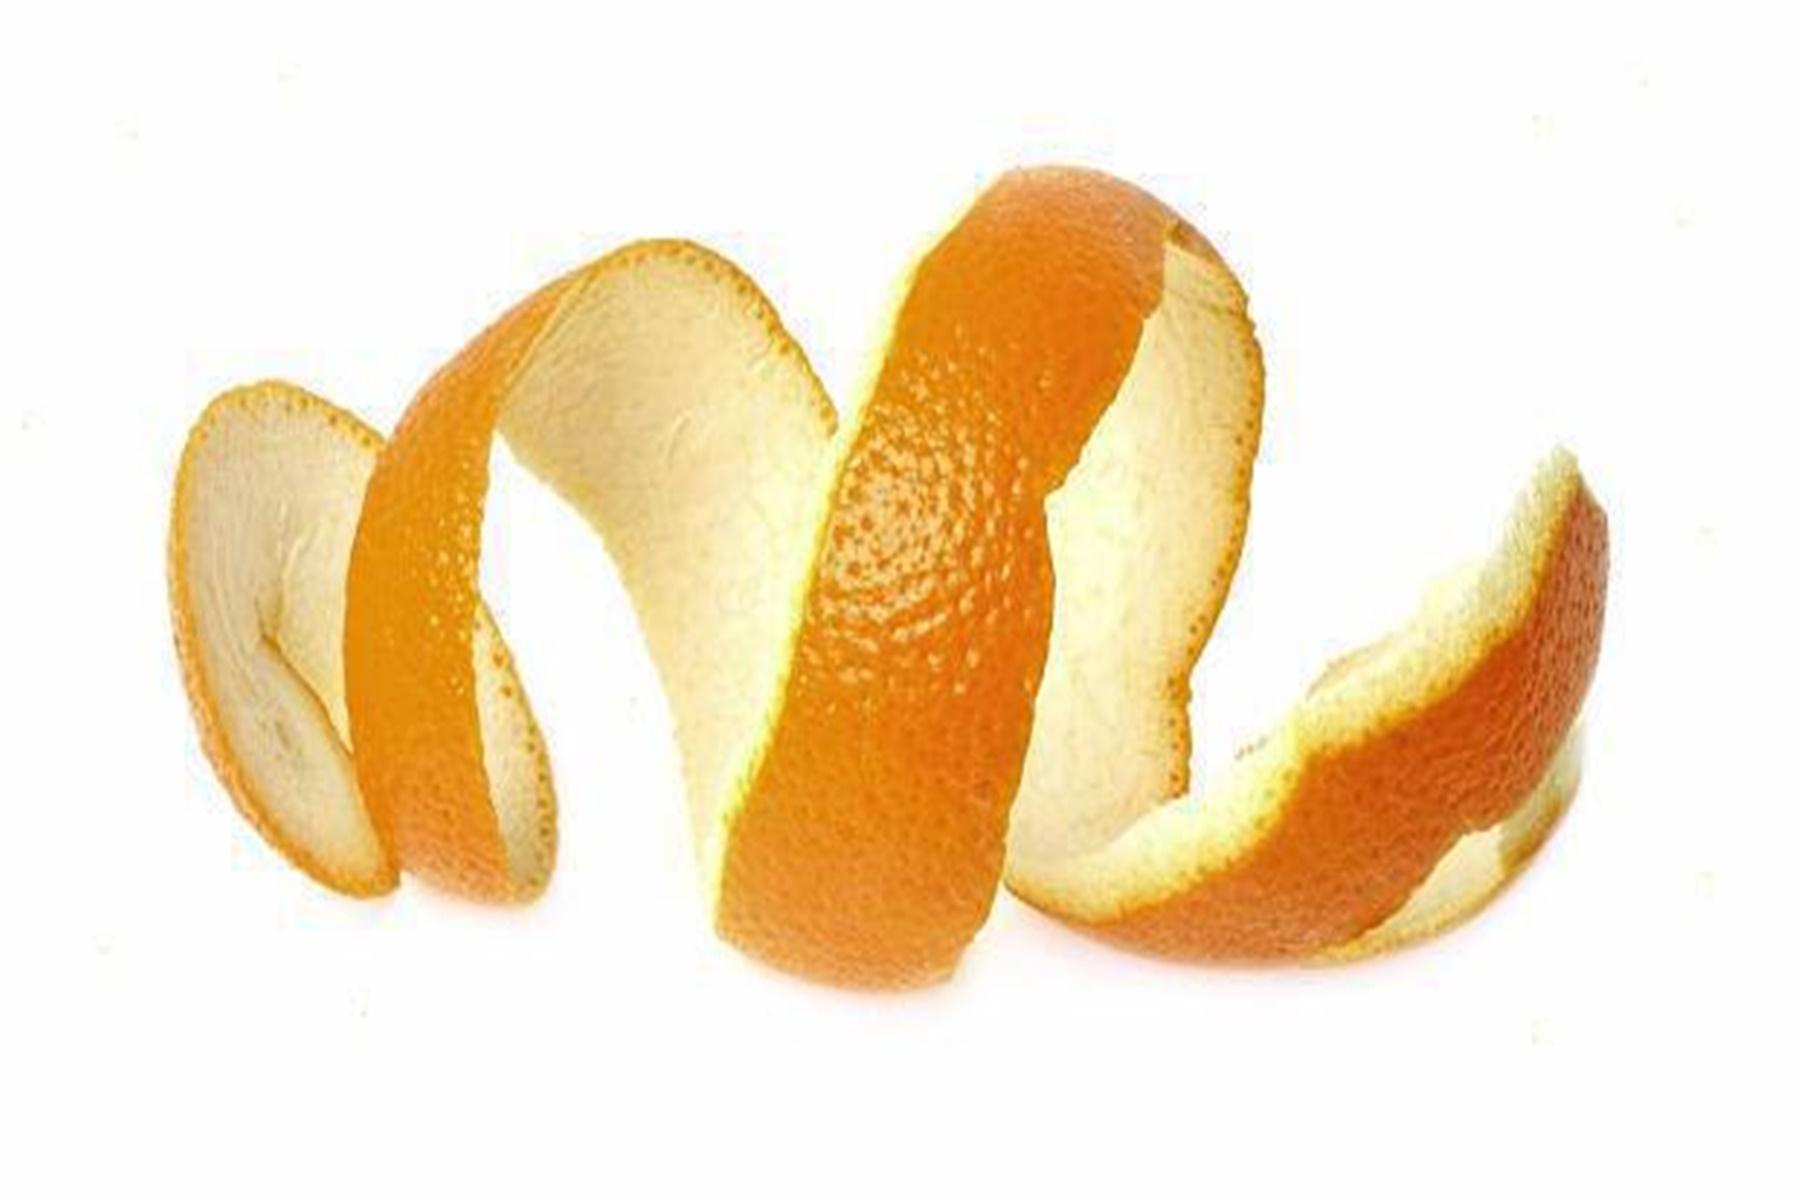 Φλούδα πορτοκαλιού : Η συμβολή της στην αντιμετώπιση της κυτταρίτιδας